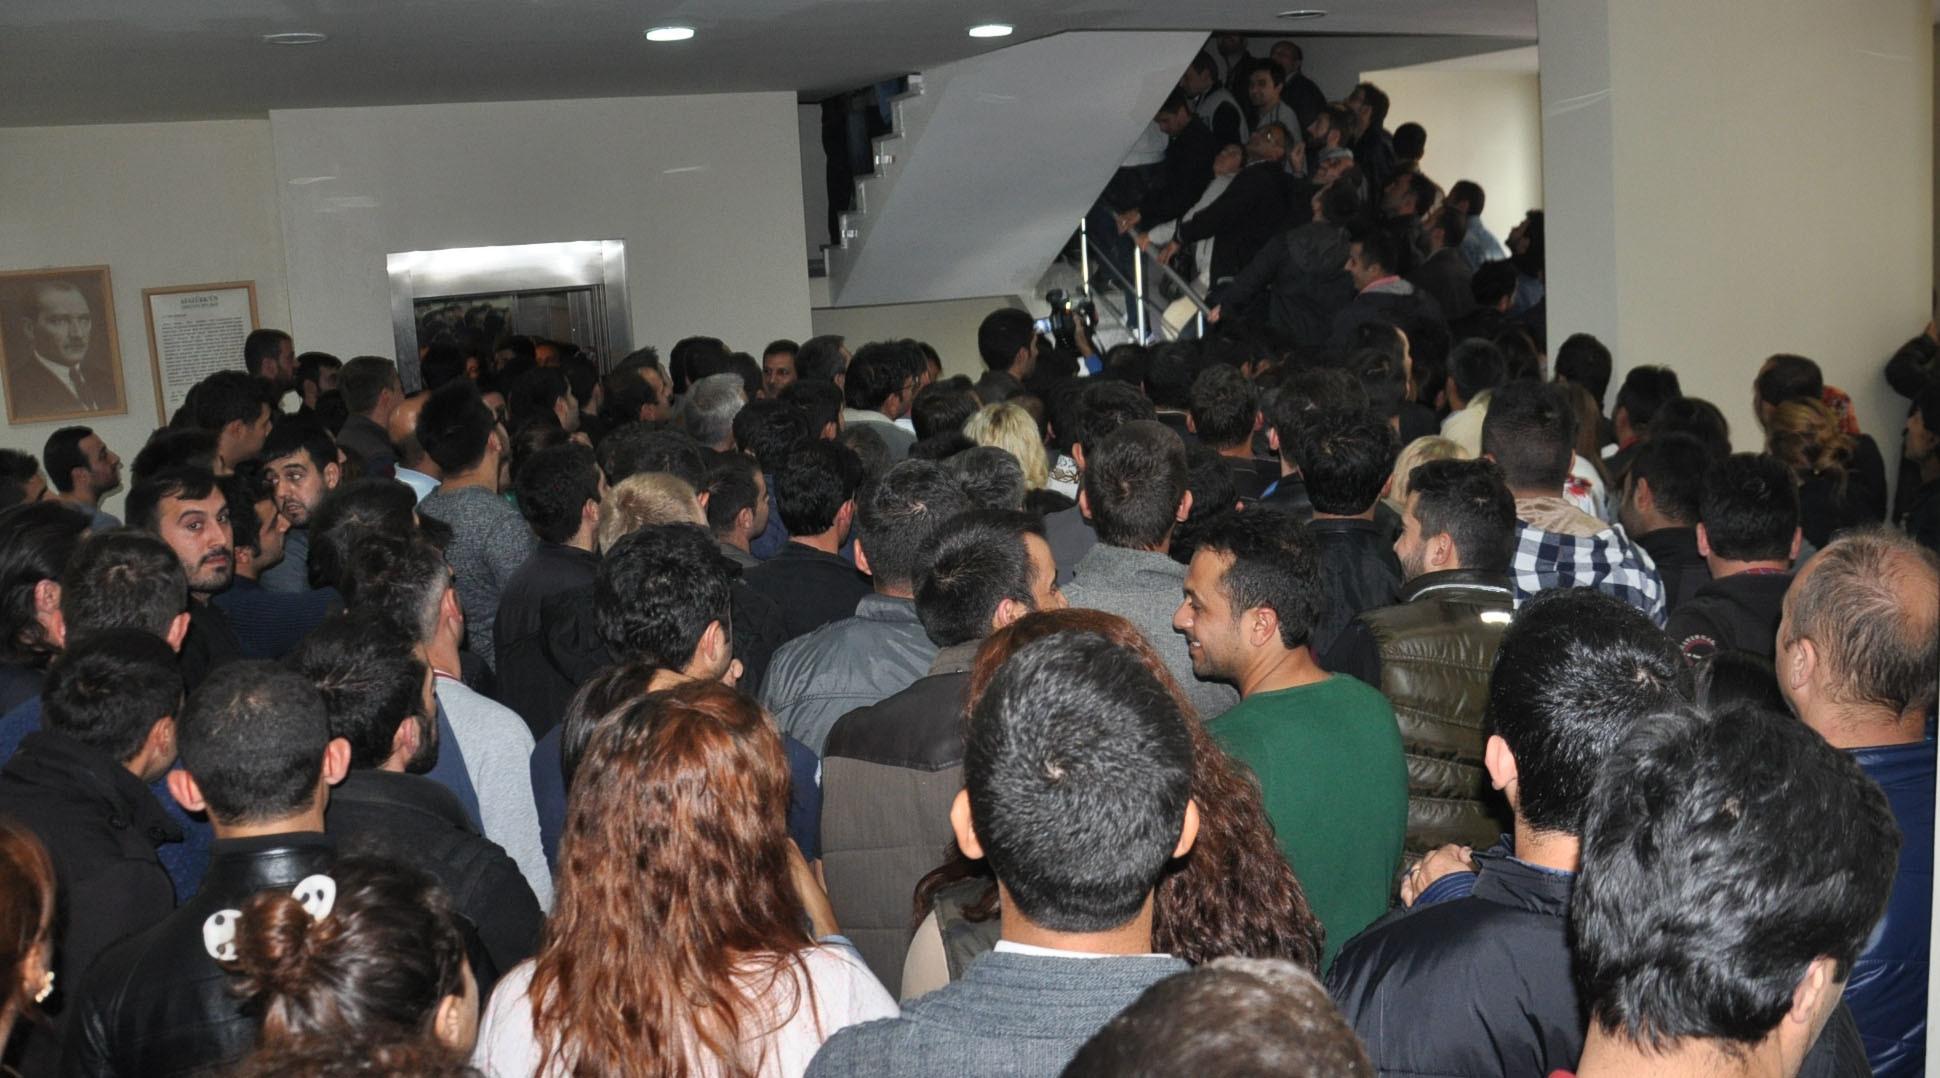 DİSK-AR: Gerçek işsizlik yüzde 17, işsiz sayısı 5.4 milyon